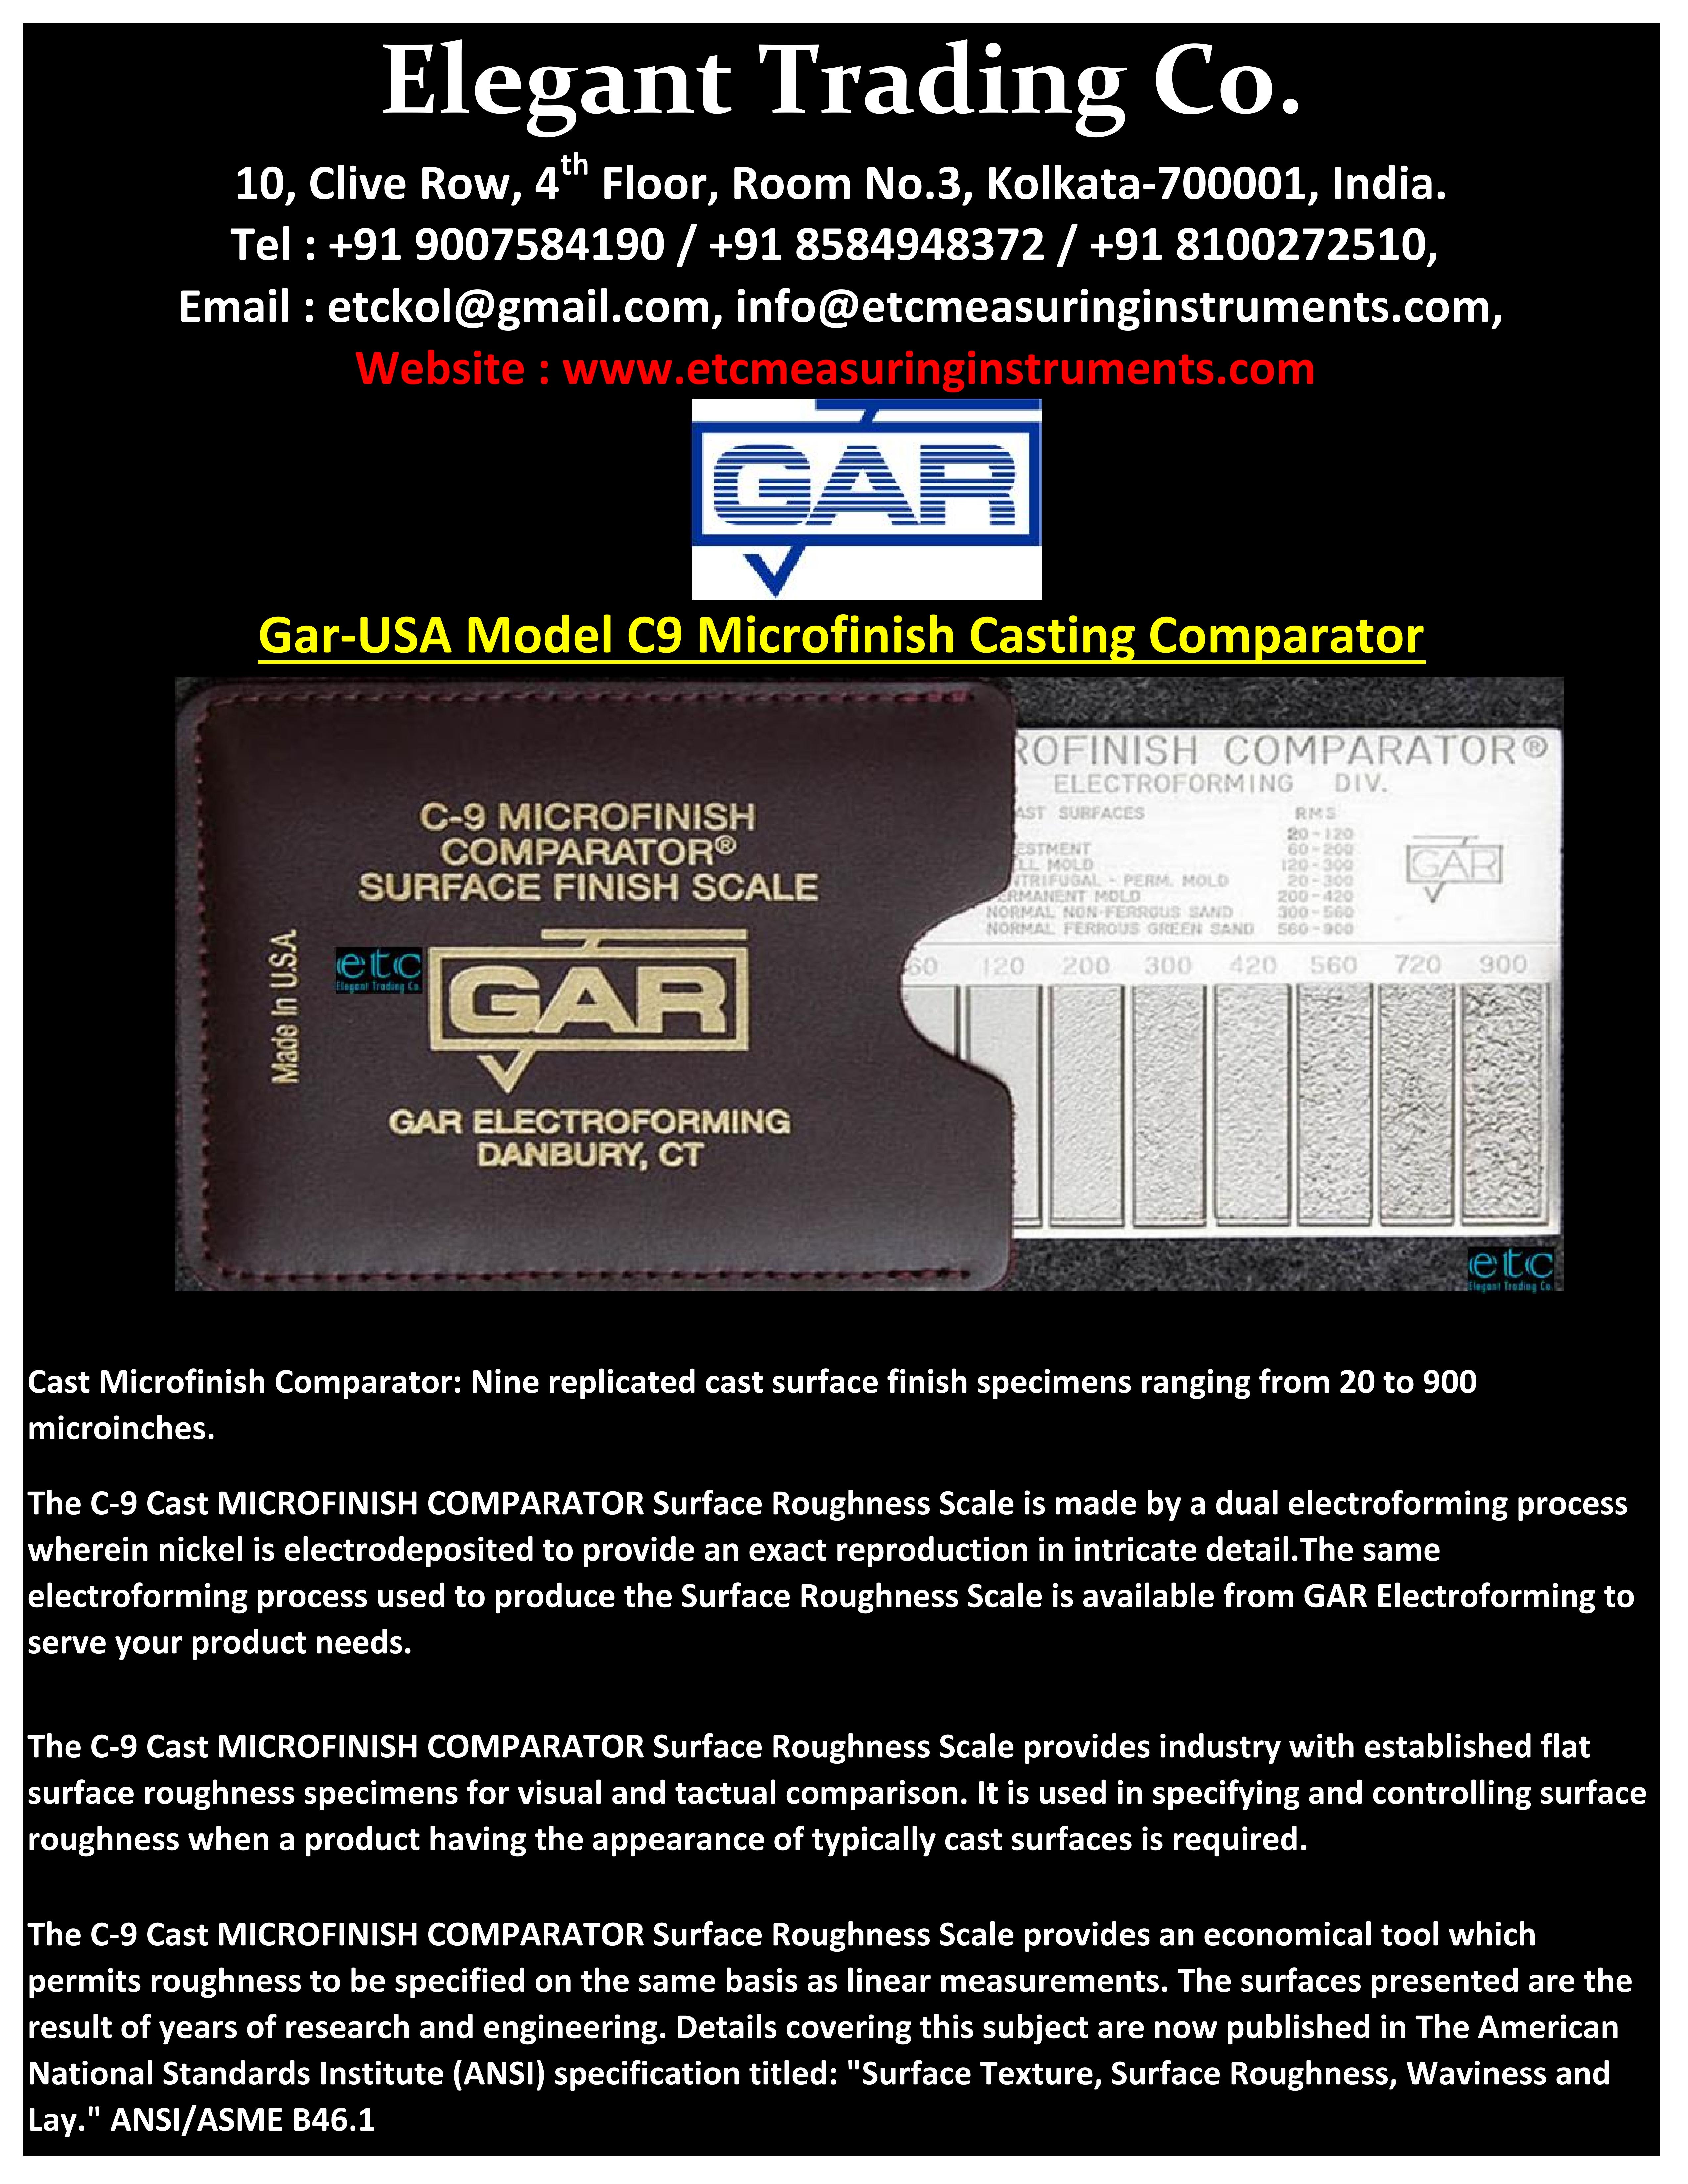 GAR Casting Roughness Comparator_001